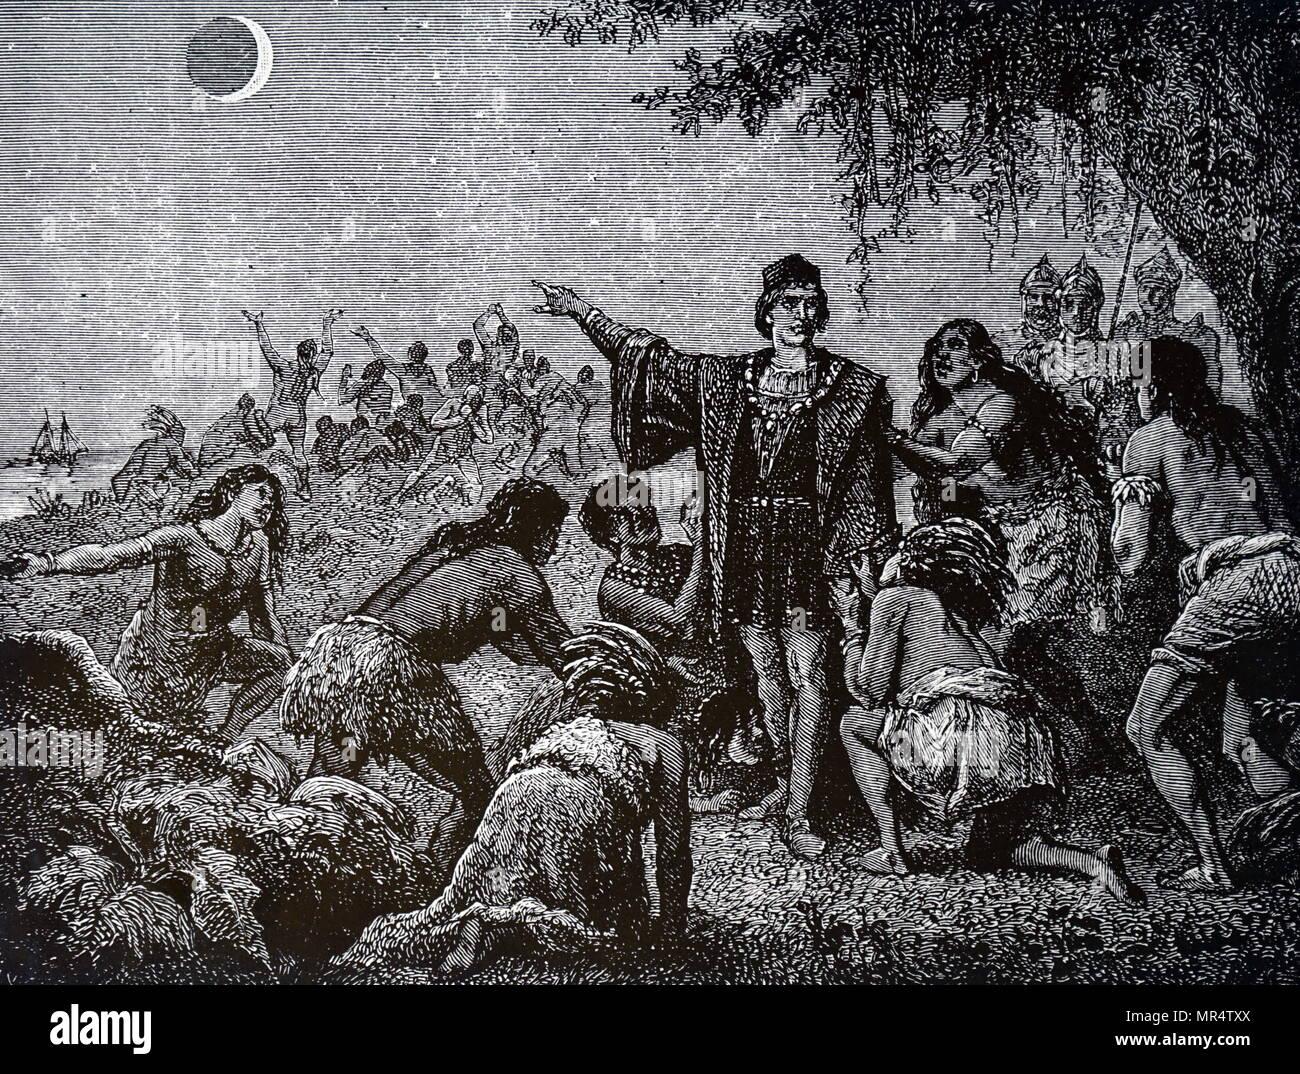 Incisione raffigurante indiani stupito da eclissi di luna che era stata predetta da Cristoforo Colombo. Cristoforo Colombo (1451-1506) un italiano di Explorer, Navigator e colonizzatore. Datata del XIX secolo Immagini Stock